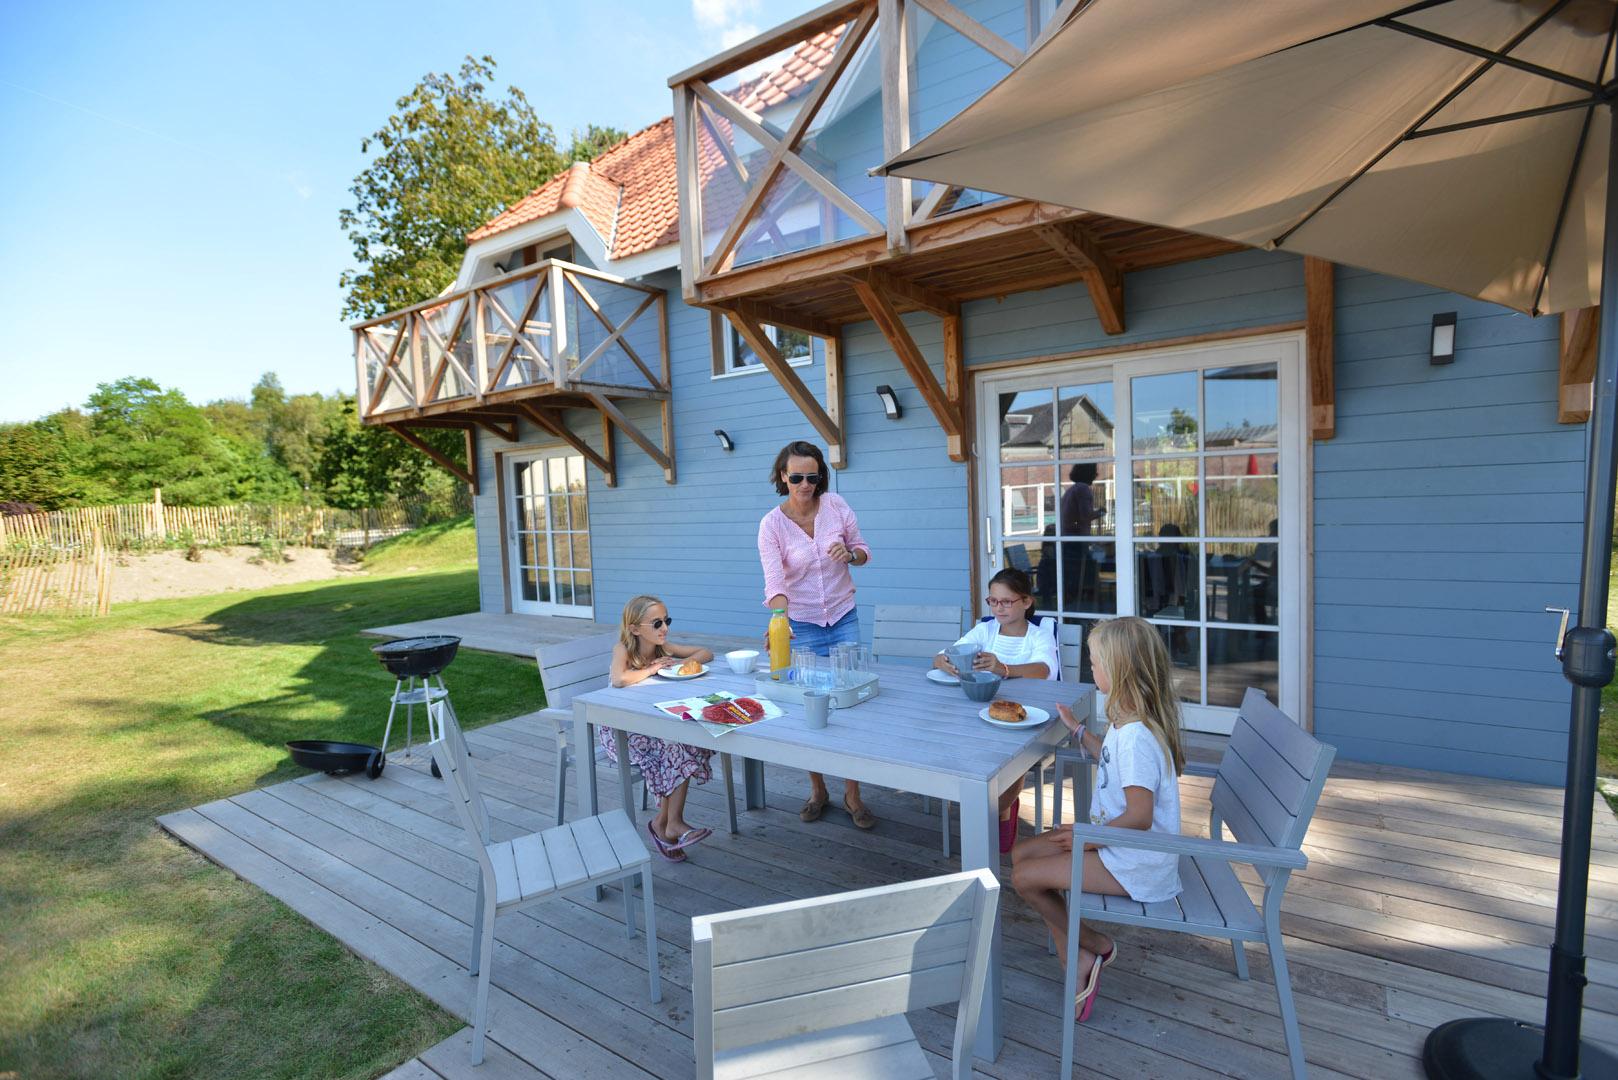 Location de maisons pour des vacances en baie de somme for Village vacances gers avec piscine